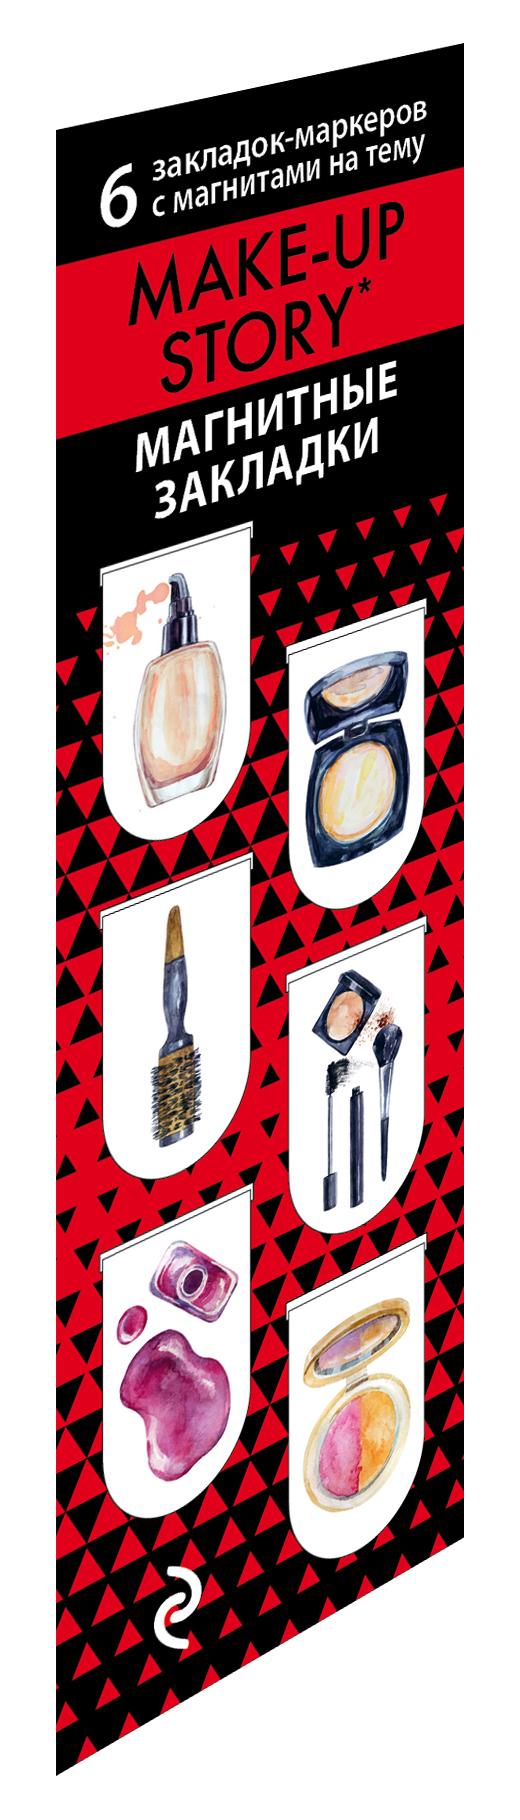 Магнитные закладки. Make-up story. Косметическая история (6 закладок полукругл.)